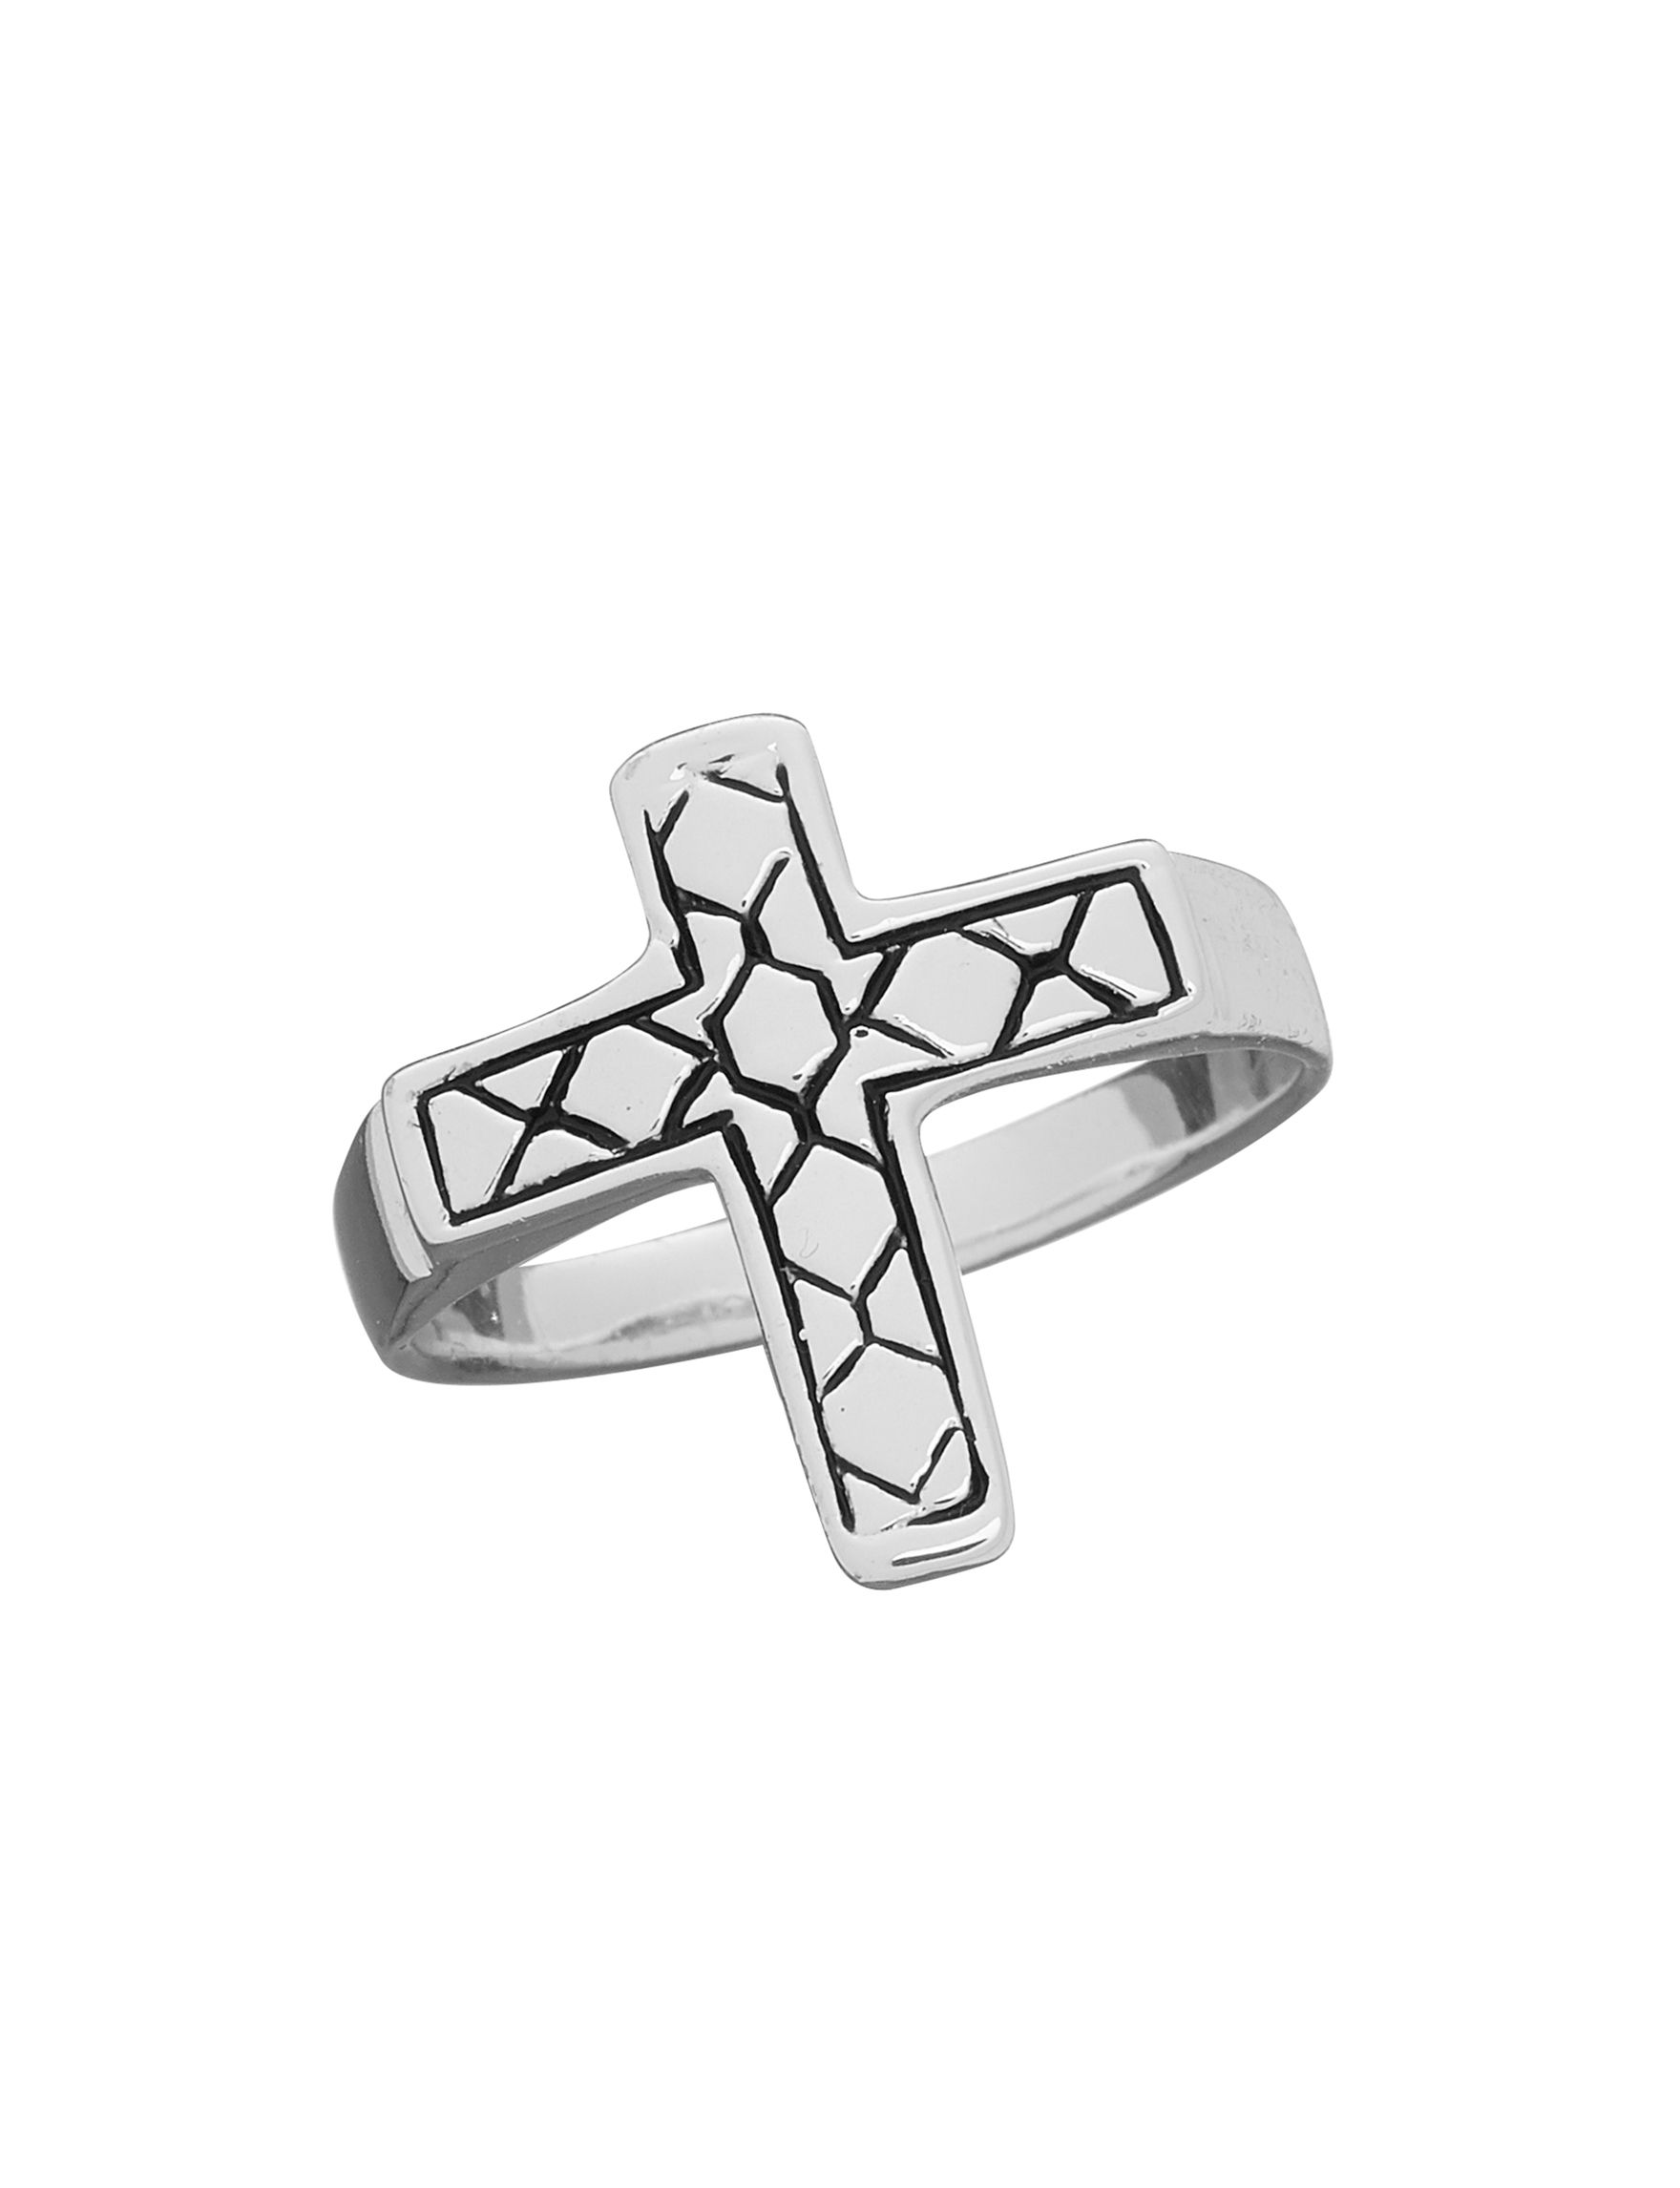 Marsala Silver / Black Rings Fine Jewelry